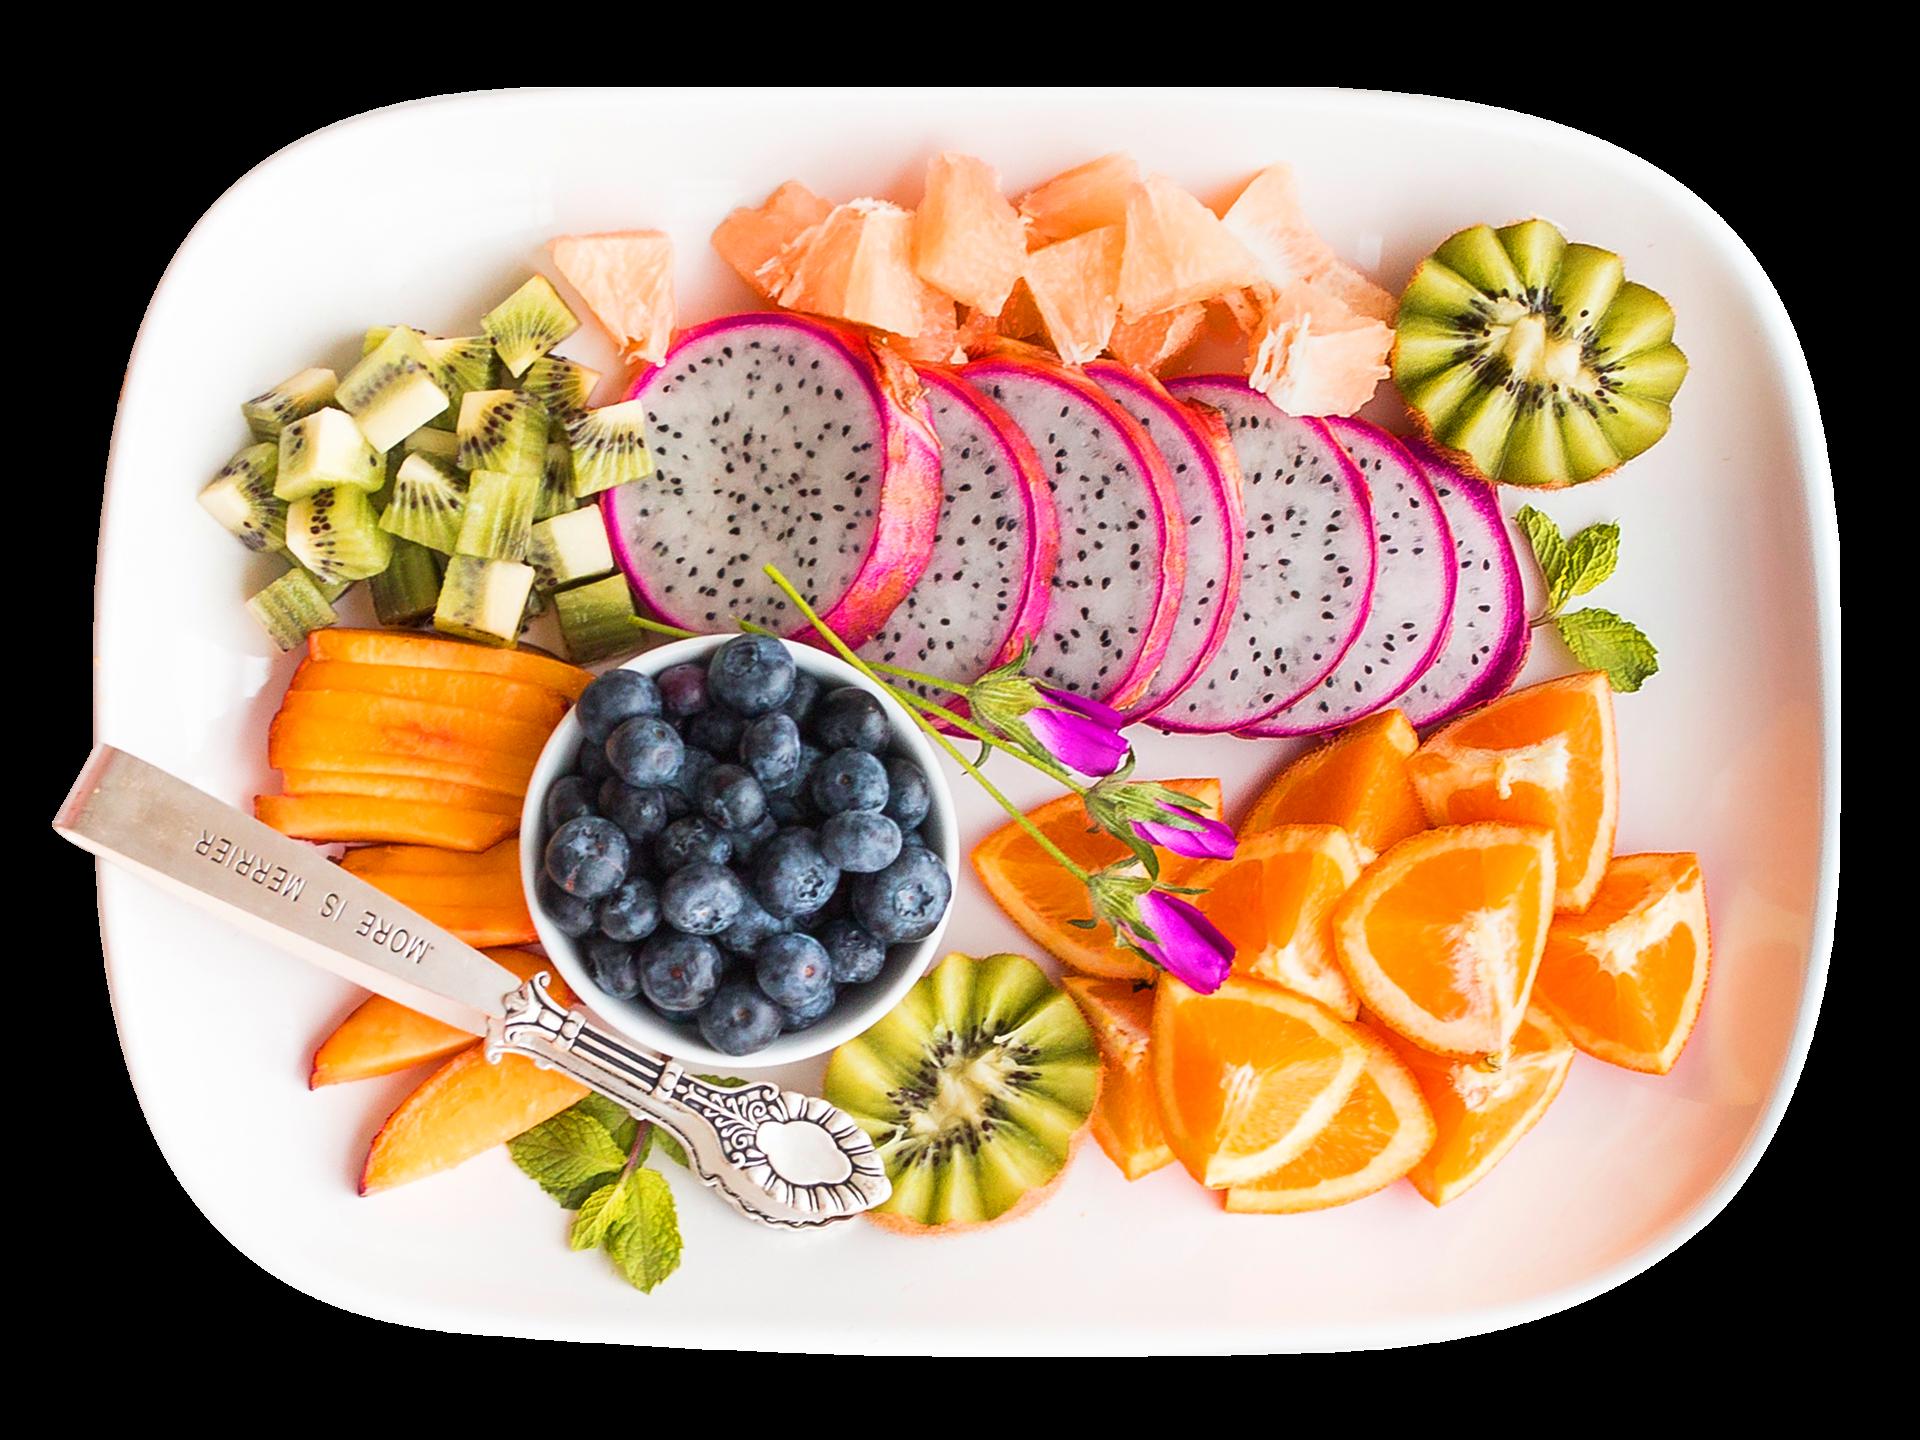 Auch wenn mehr Obst in der Empfehlung steht, sollten wir sehr gut darauf achten, wo all dieses Obst herkommt, und ob es wirklich notwendig ist, exotische Früchte in unseren Speiseplan mit einzubeziehen. - Photocredit: pixabay.com/bijutoha